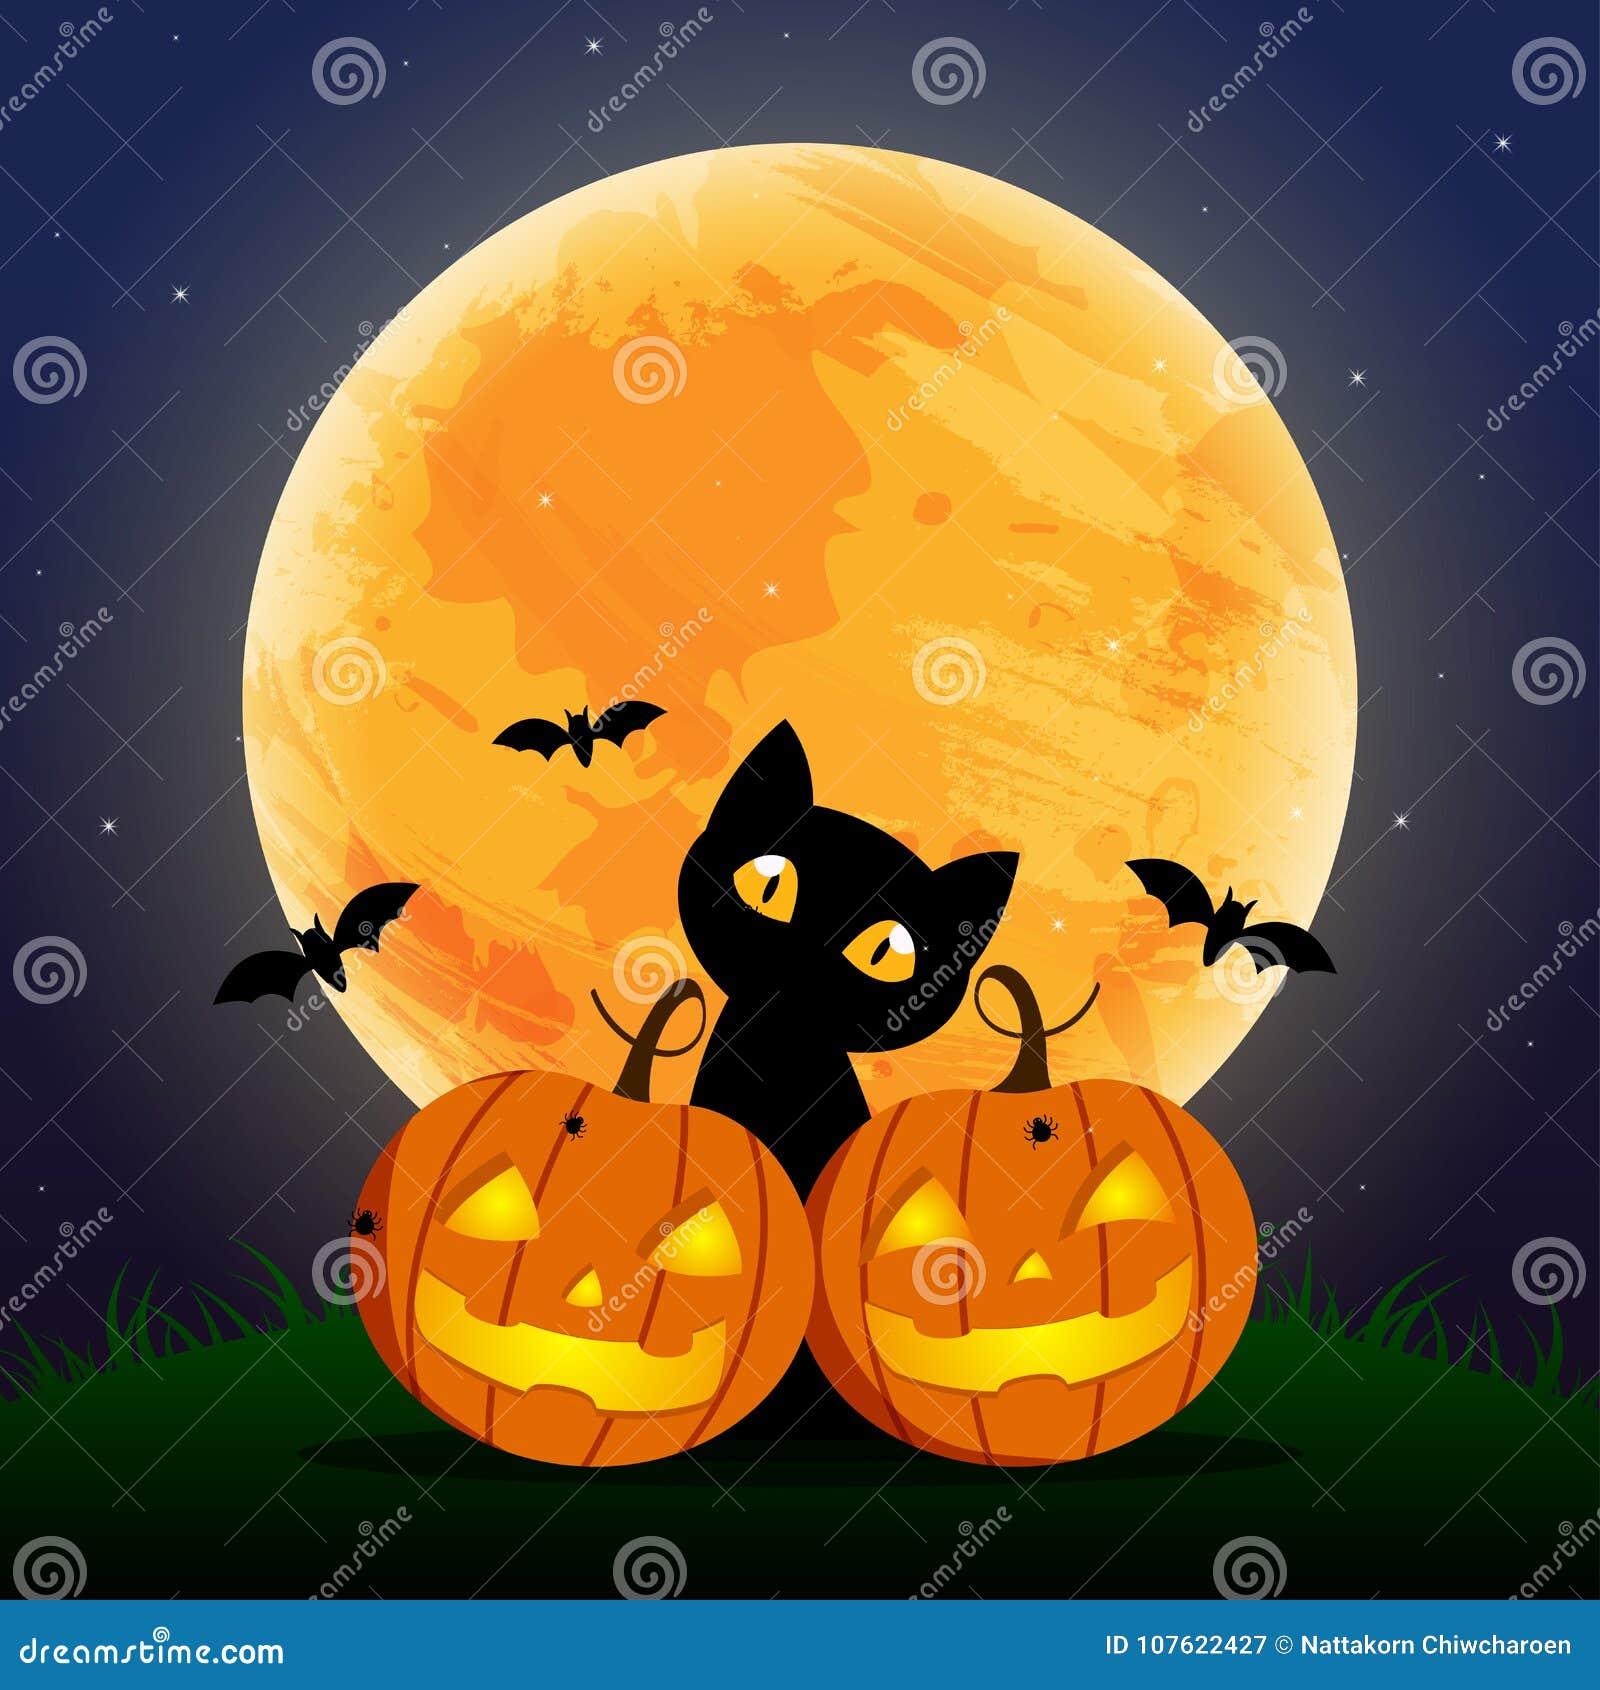 Szczęśliwy Halloweenowy dzień, nietoperz, pająk, Ślicznego dyniowego uśmiechu straszny, śliczny i czarny kota straszny przyjęcie